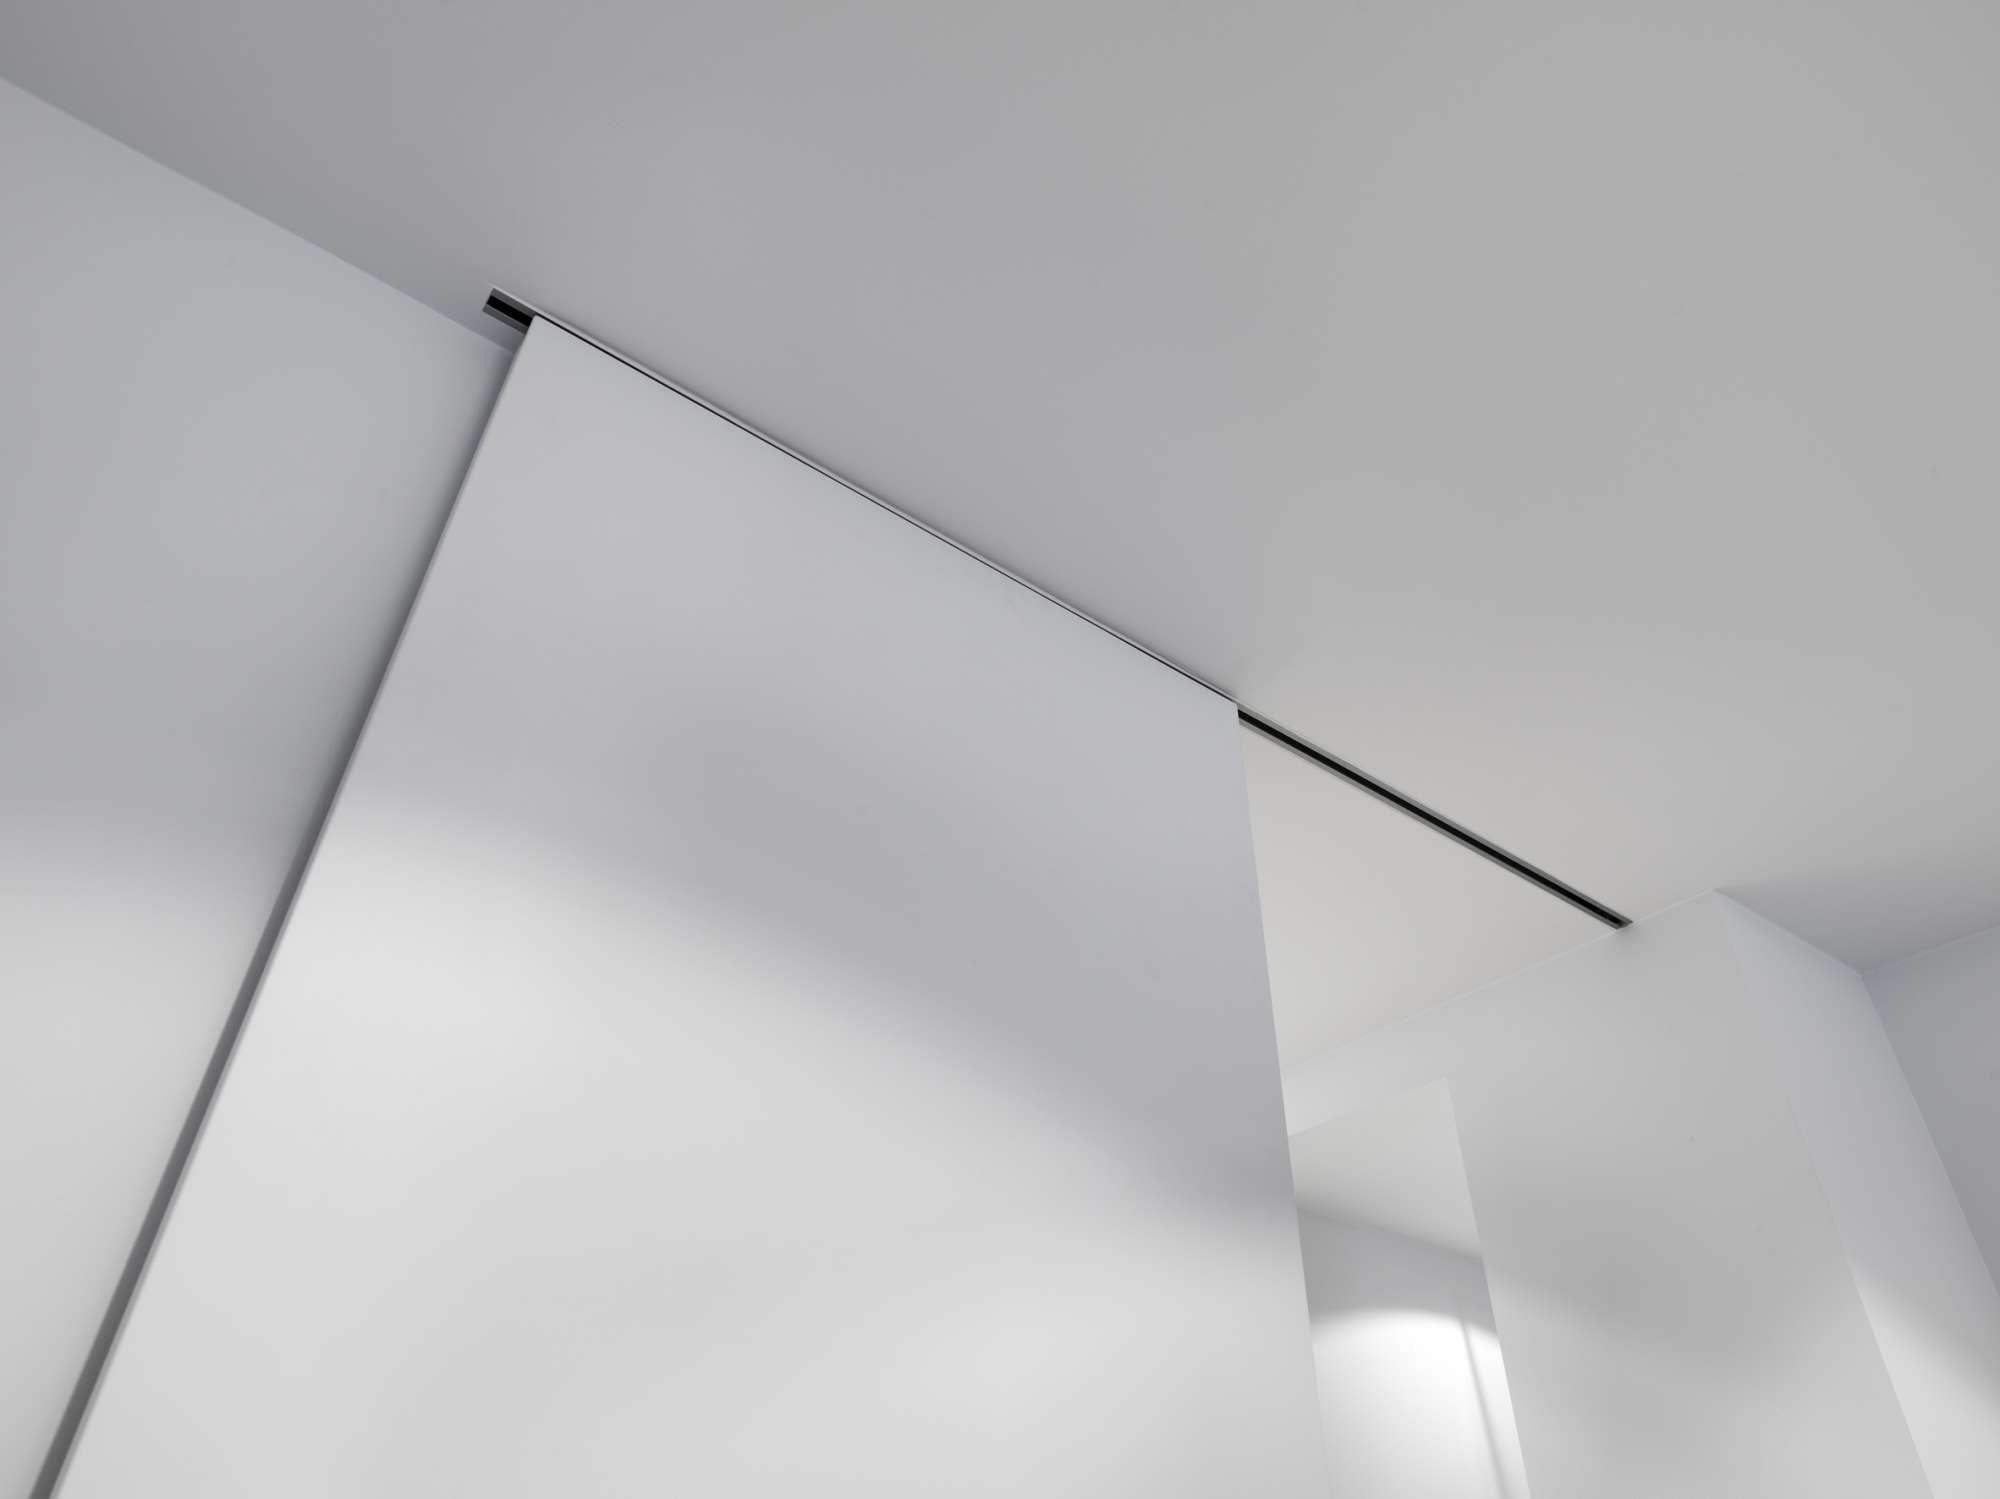 schuifdeur-strak-interieur-ingewerkt-in-plafond